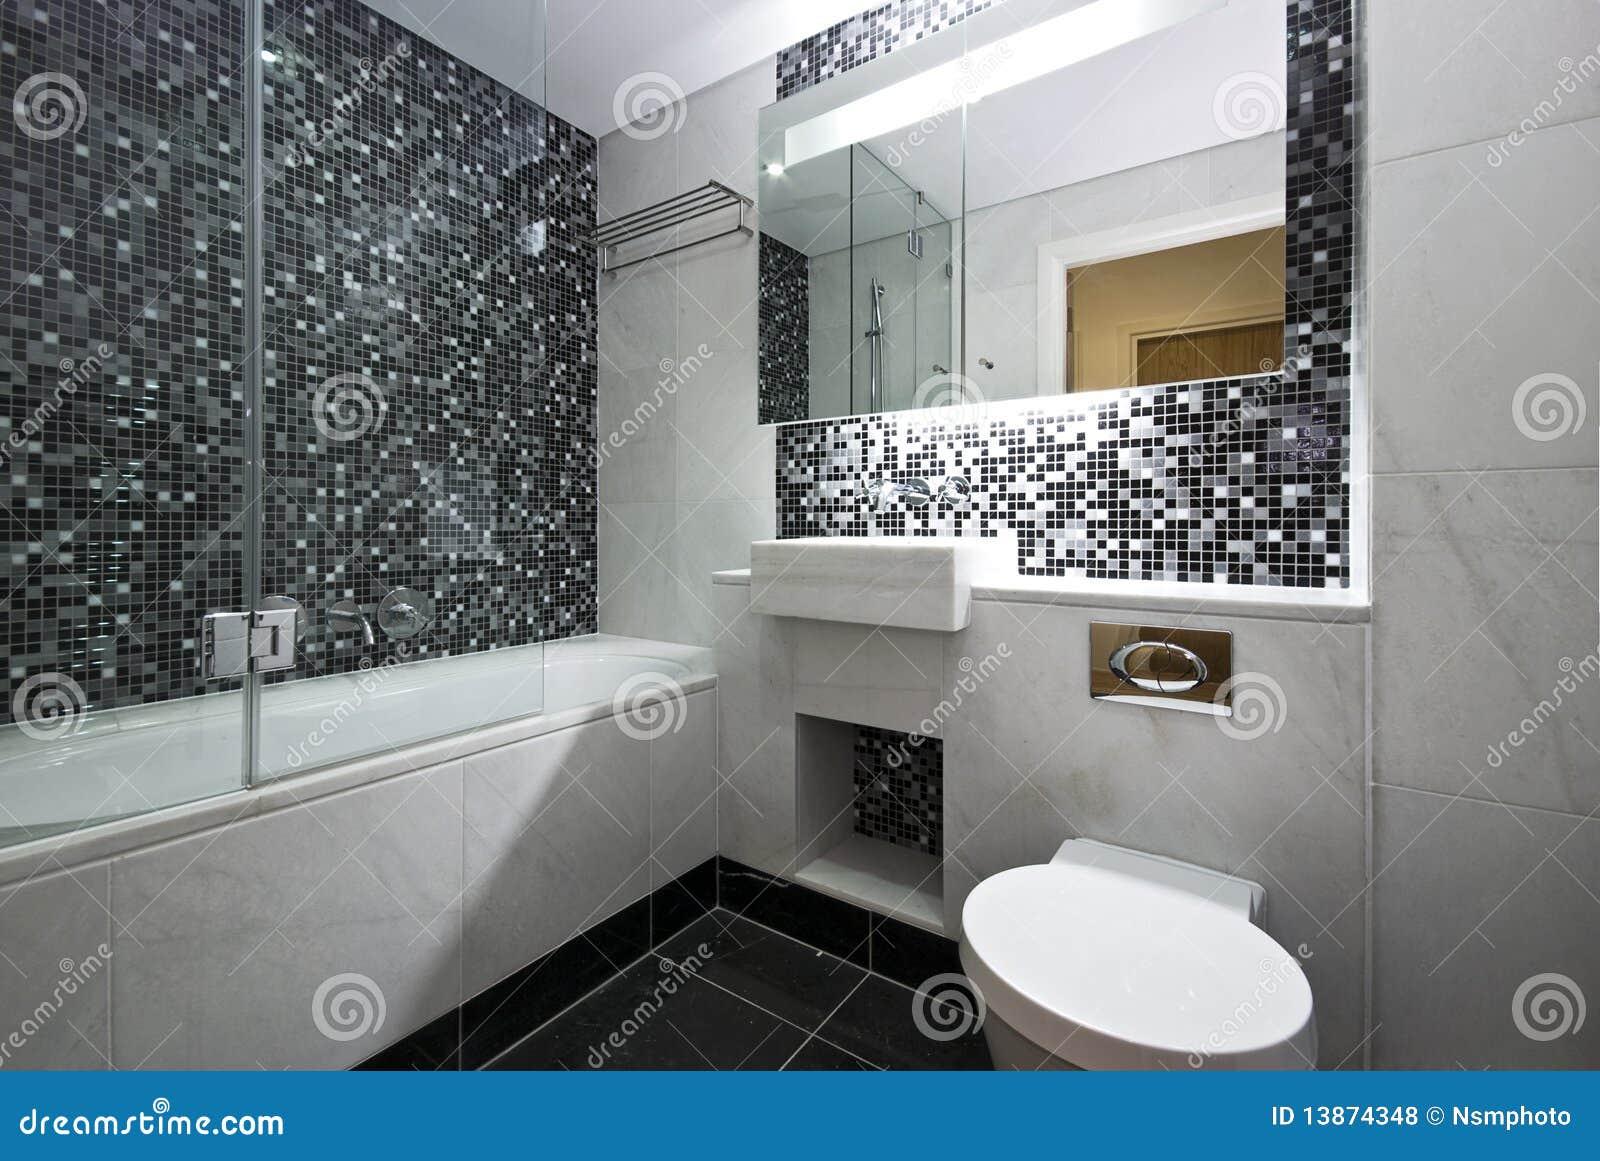 Banheiro Contemporâneo Da En série Em Preto E Branco Fotos de Stock  #604C30 1300 960